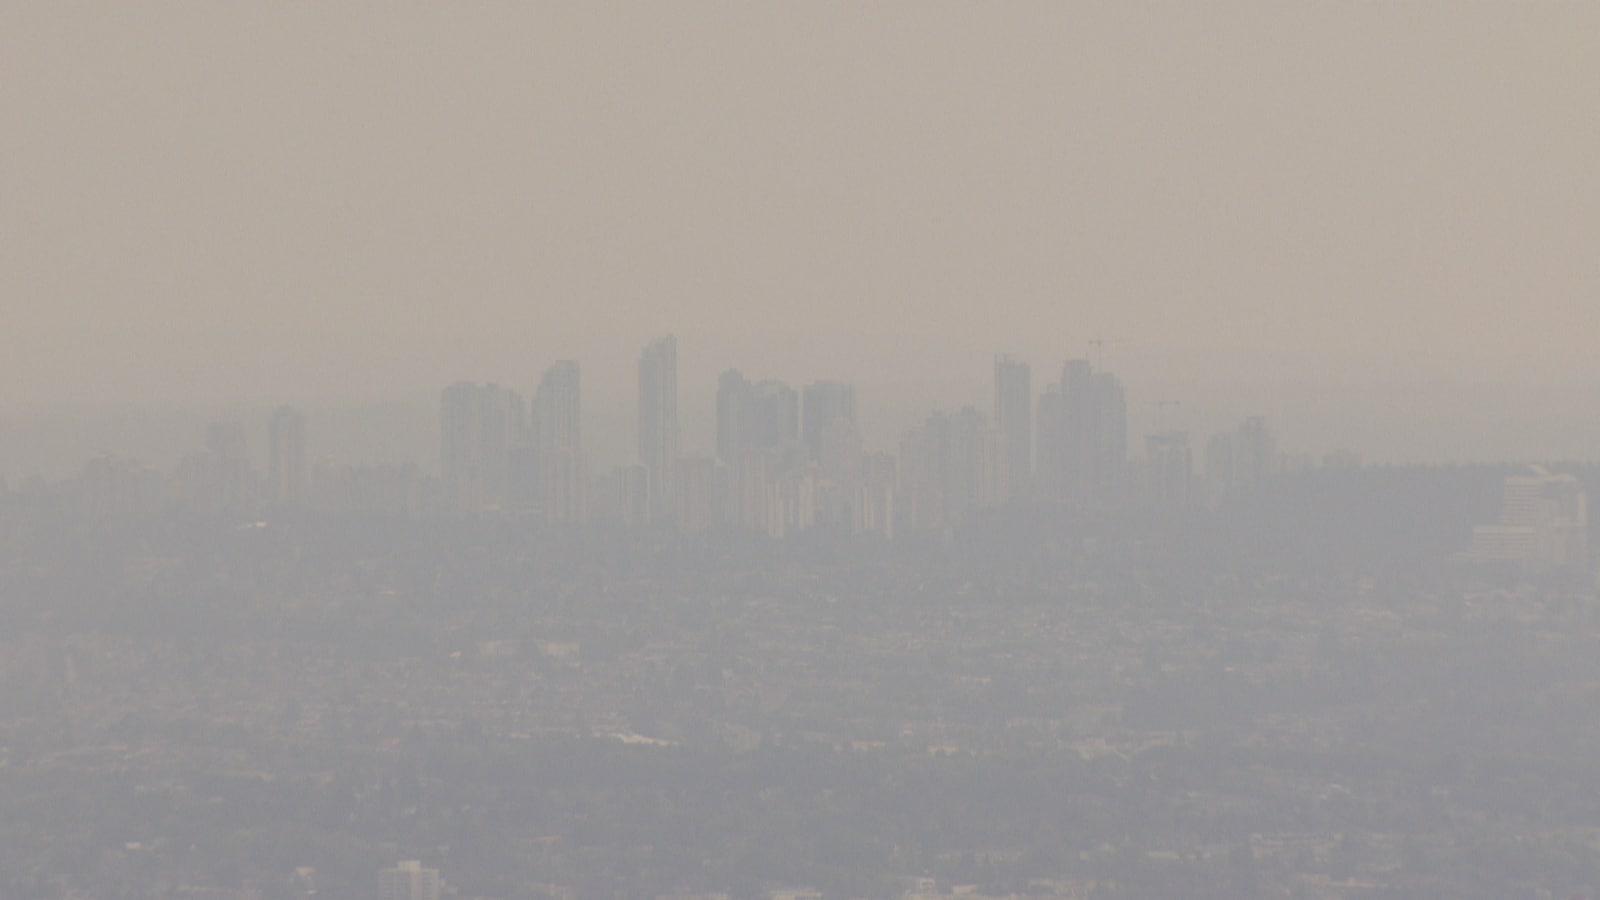 La ville de Vancouver sous un épais nuage de fumée.